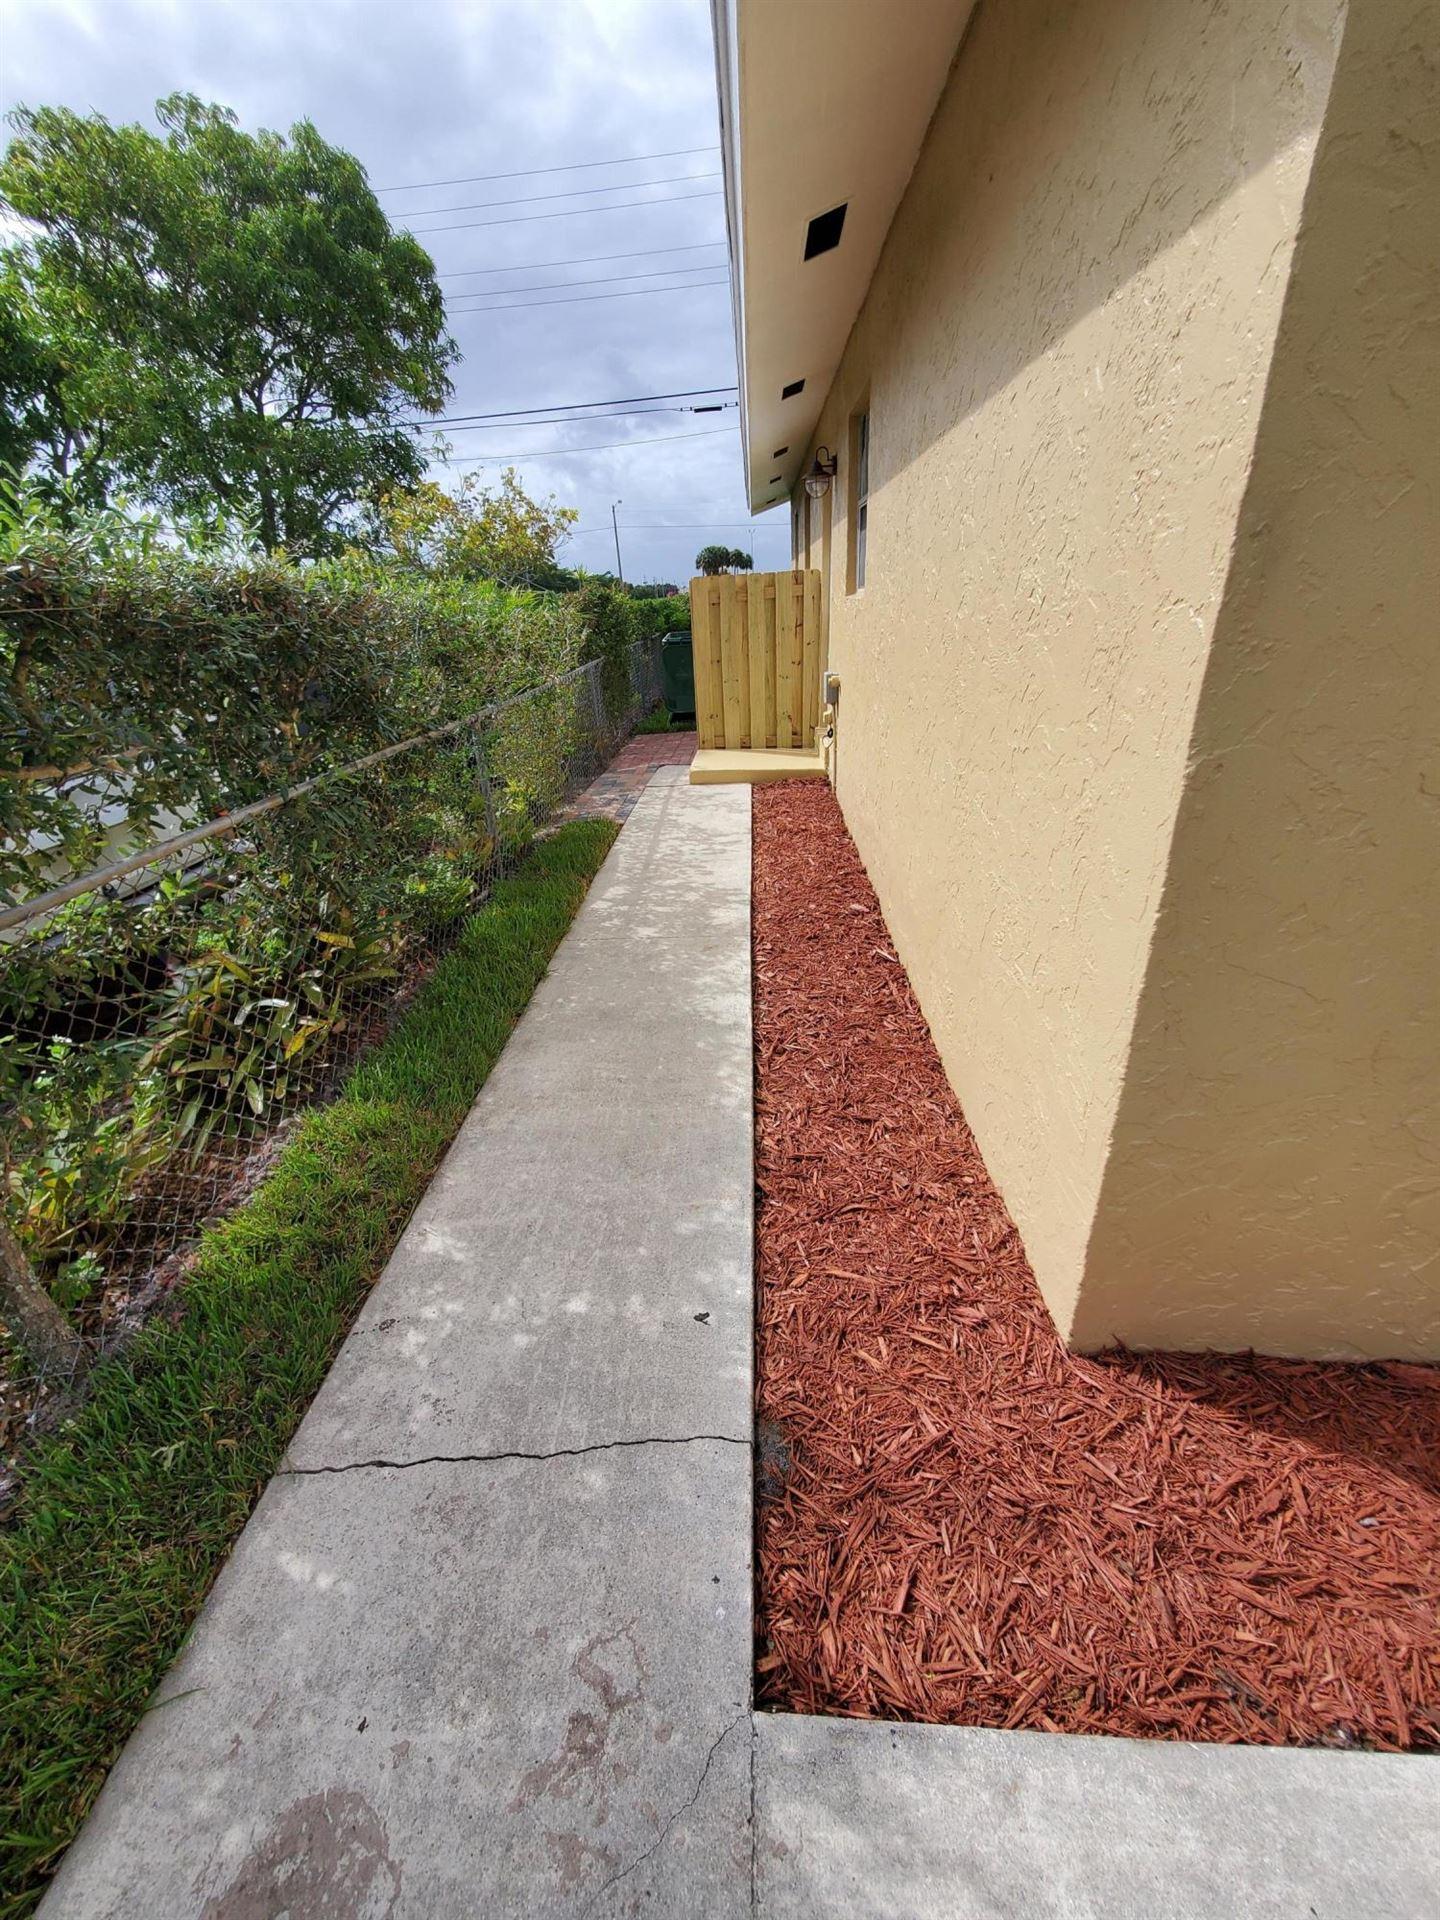 Photo of 1273 W 23rd Street, Riviera Beach, FL 33404 (MLS # RX-10655073)